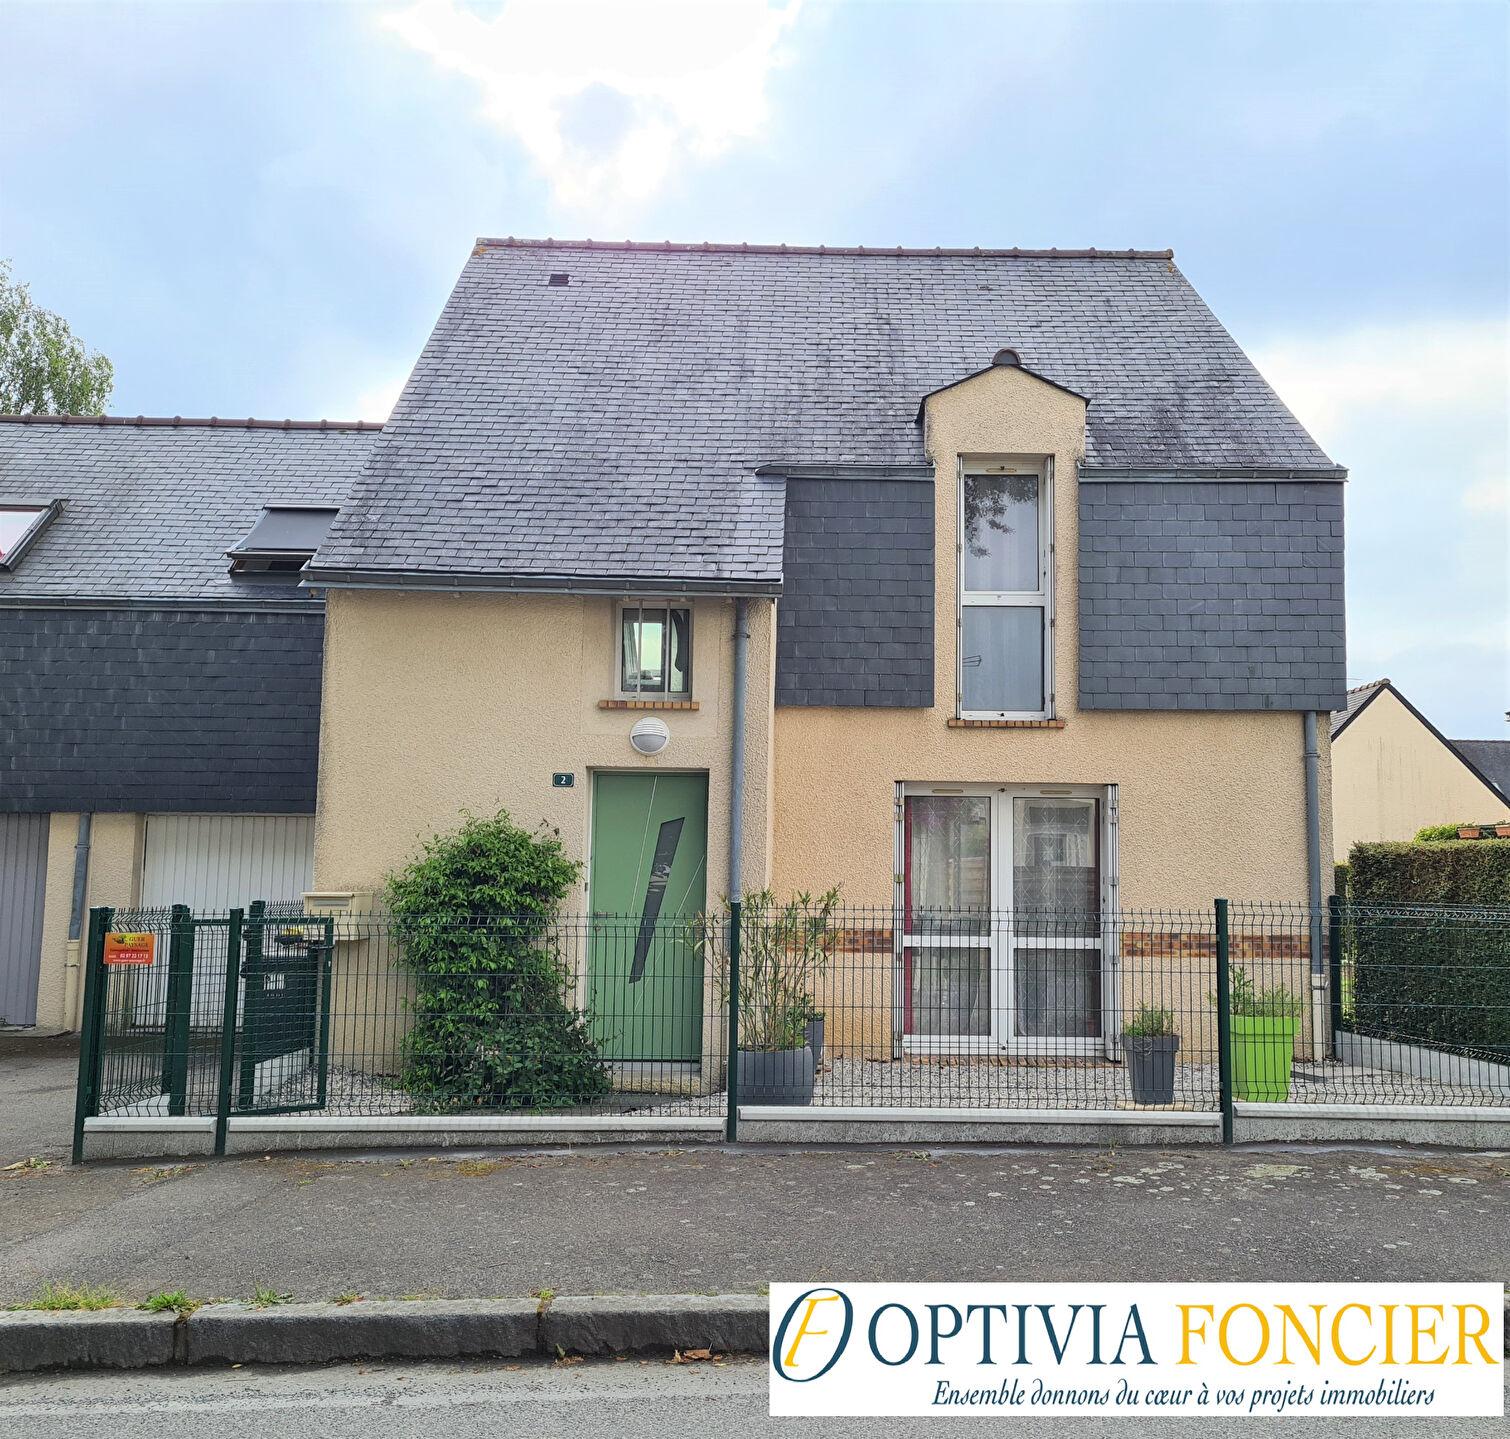 Maison T5 80 m² - PIPRIAC - 212 m² de terrain (maison comprise)